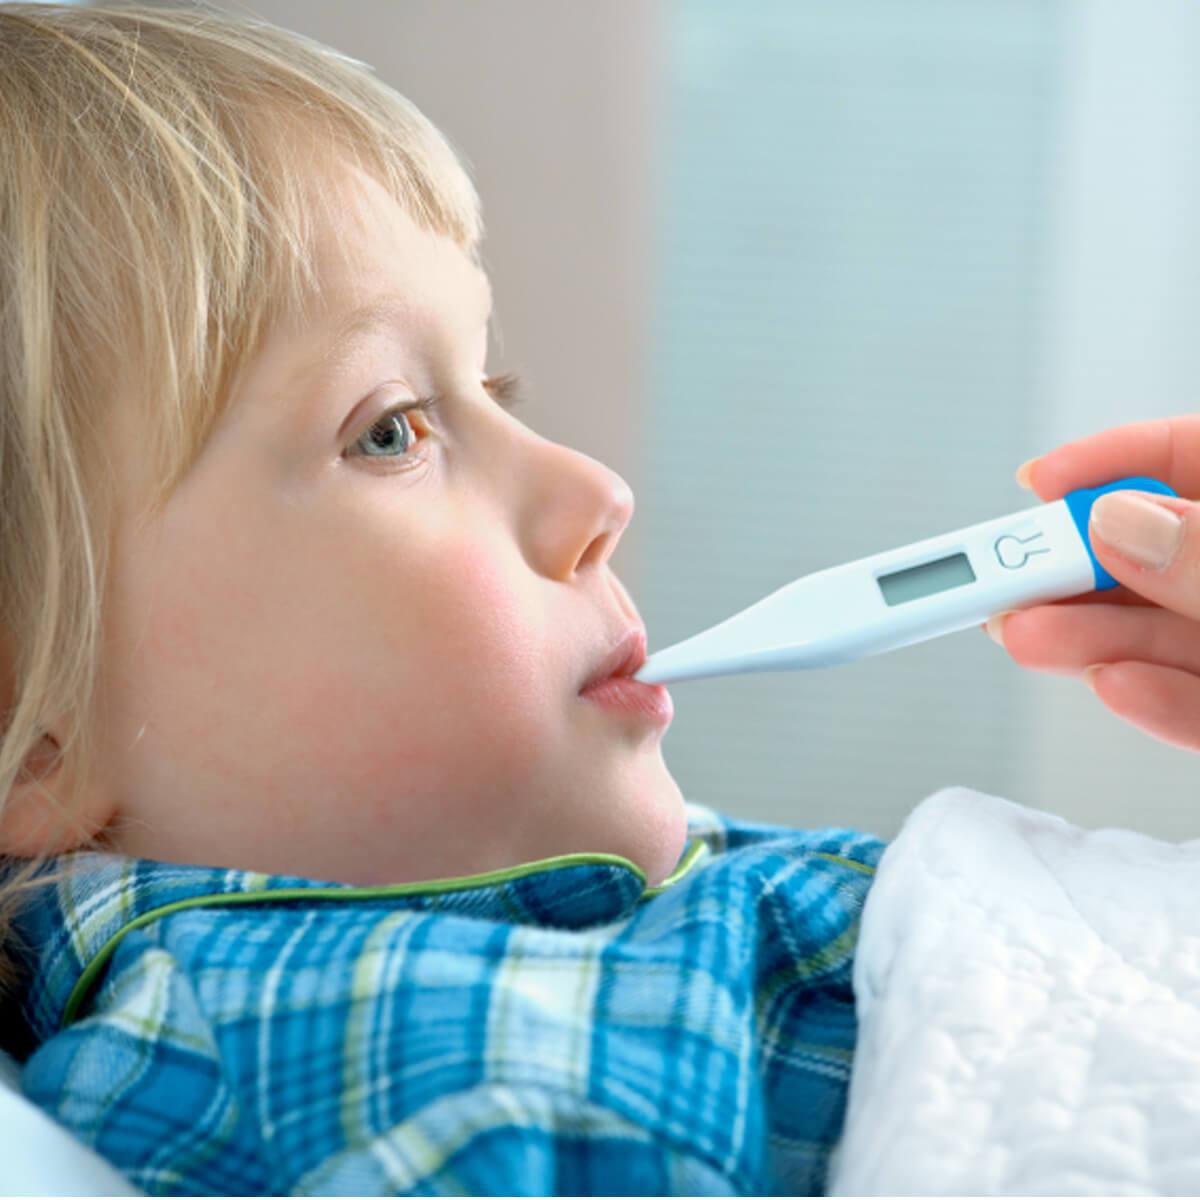 علائم و درمان بیماری کاوازاکی در کودکان